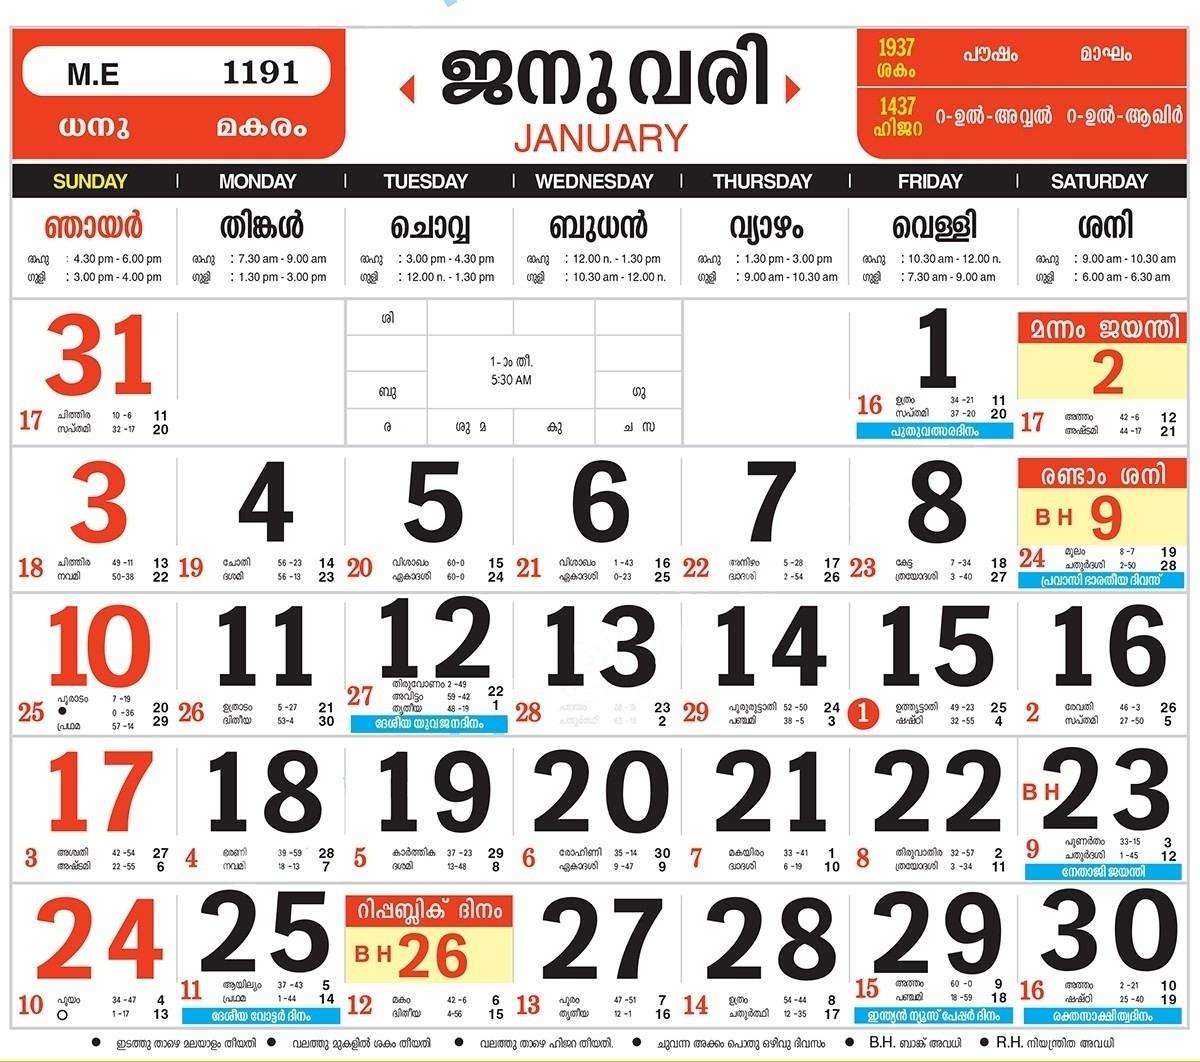 Well Done December 2019 Calendar Holidays Kerala * Calendar in September 2020 Calendar With Holidays Kerala